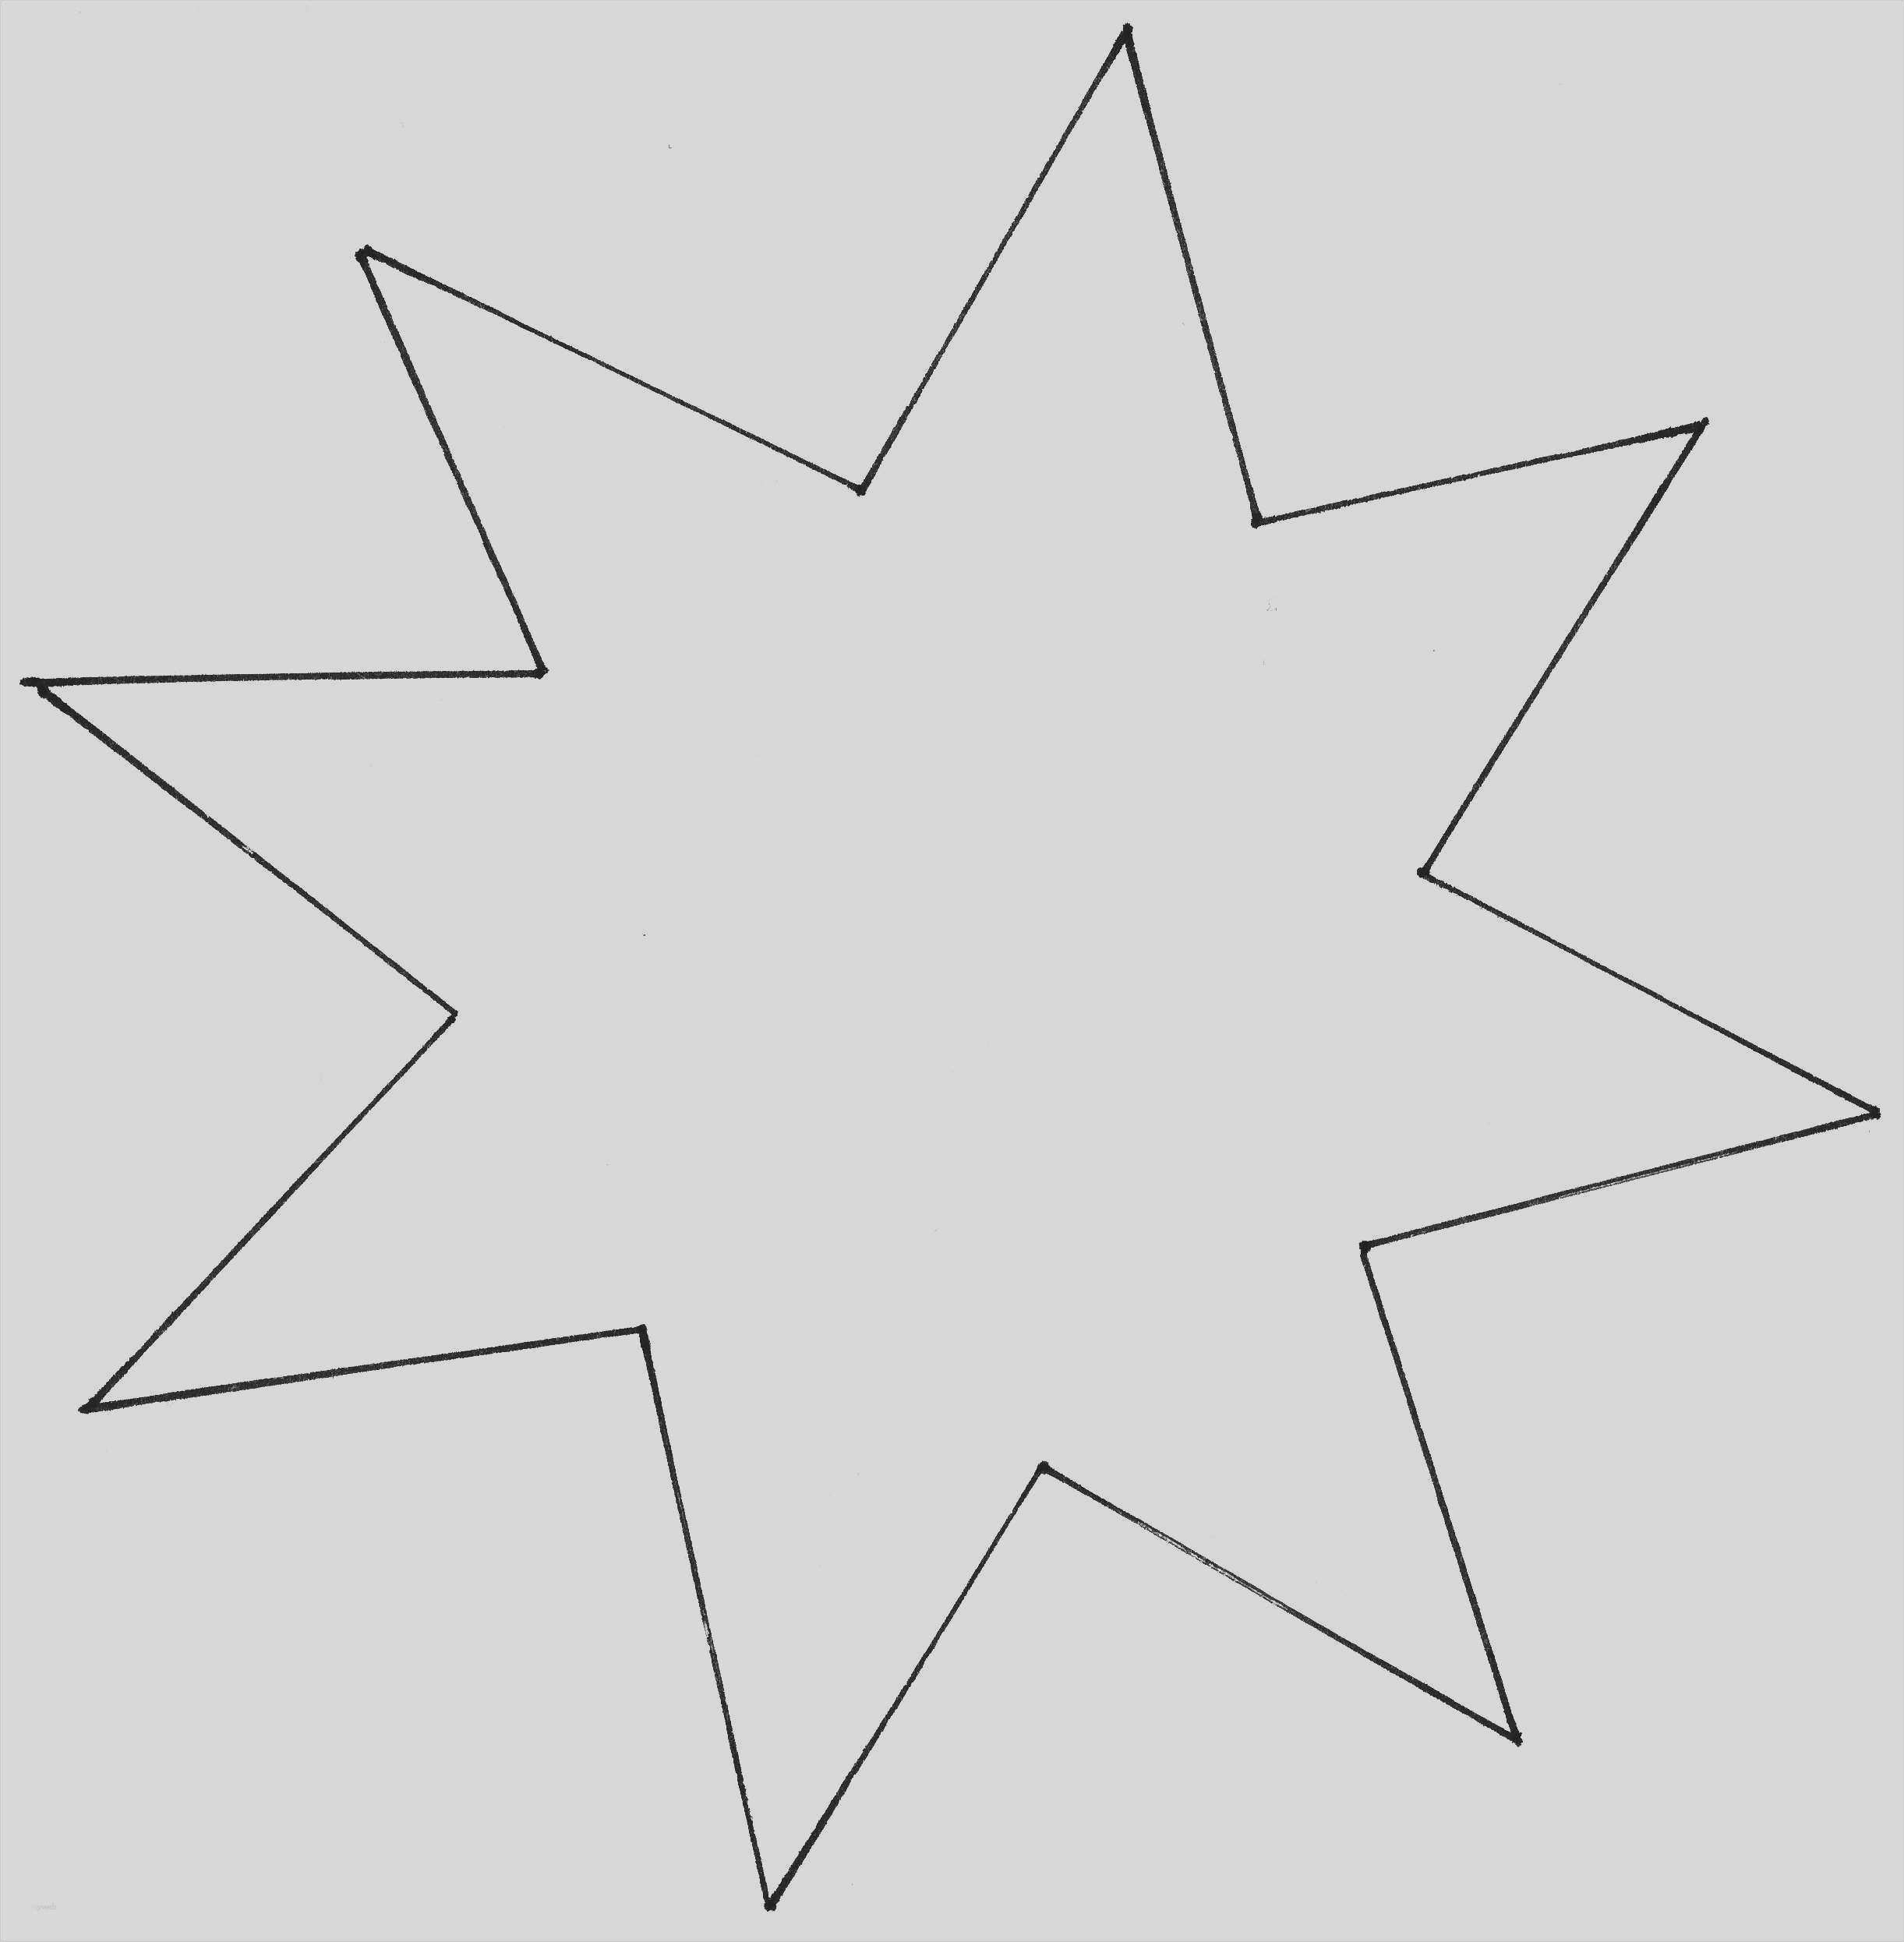 Großer Stern Vorlage 16 Inspiration Jene Können Einstellen in Druckvorlage Stern